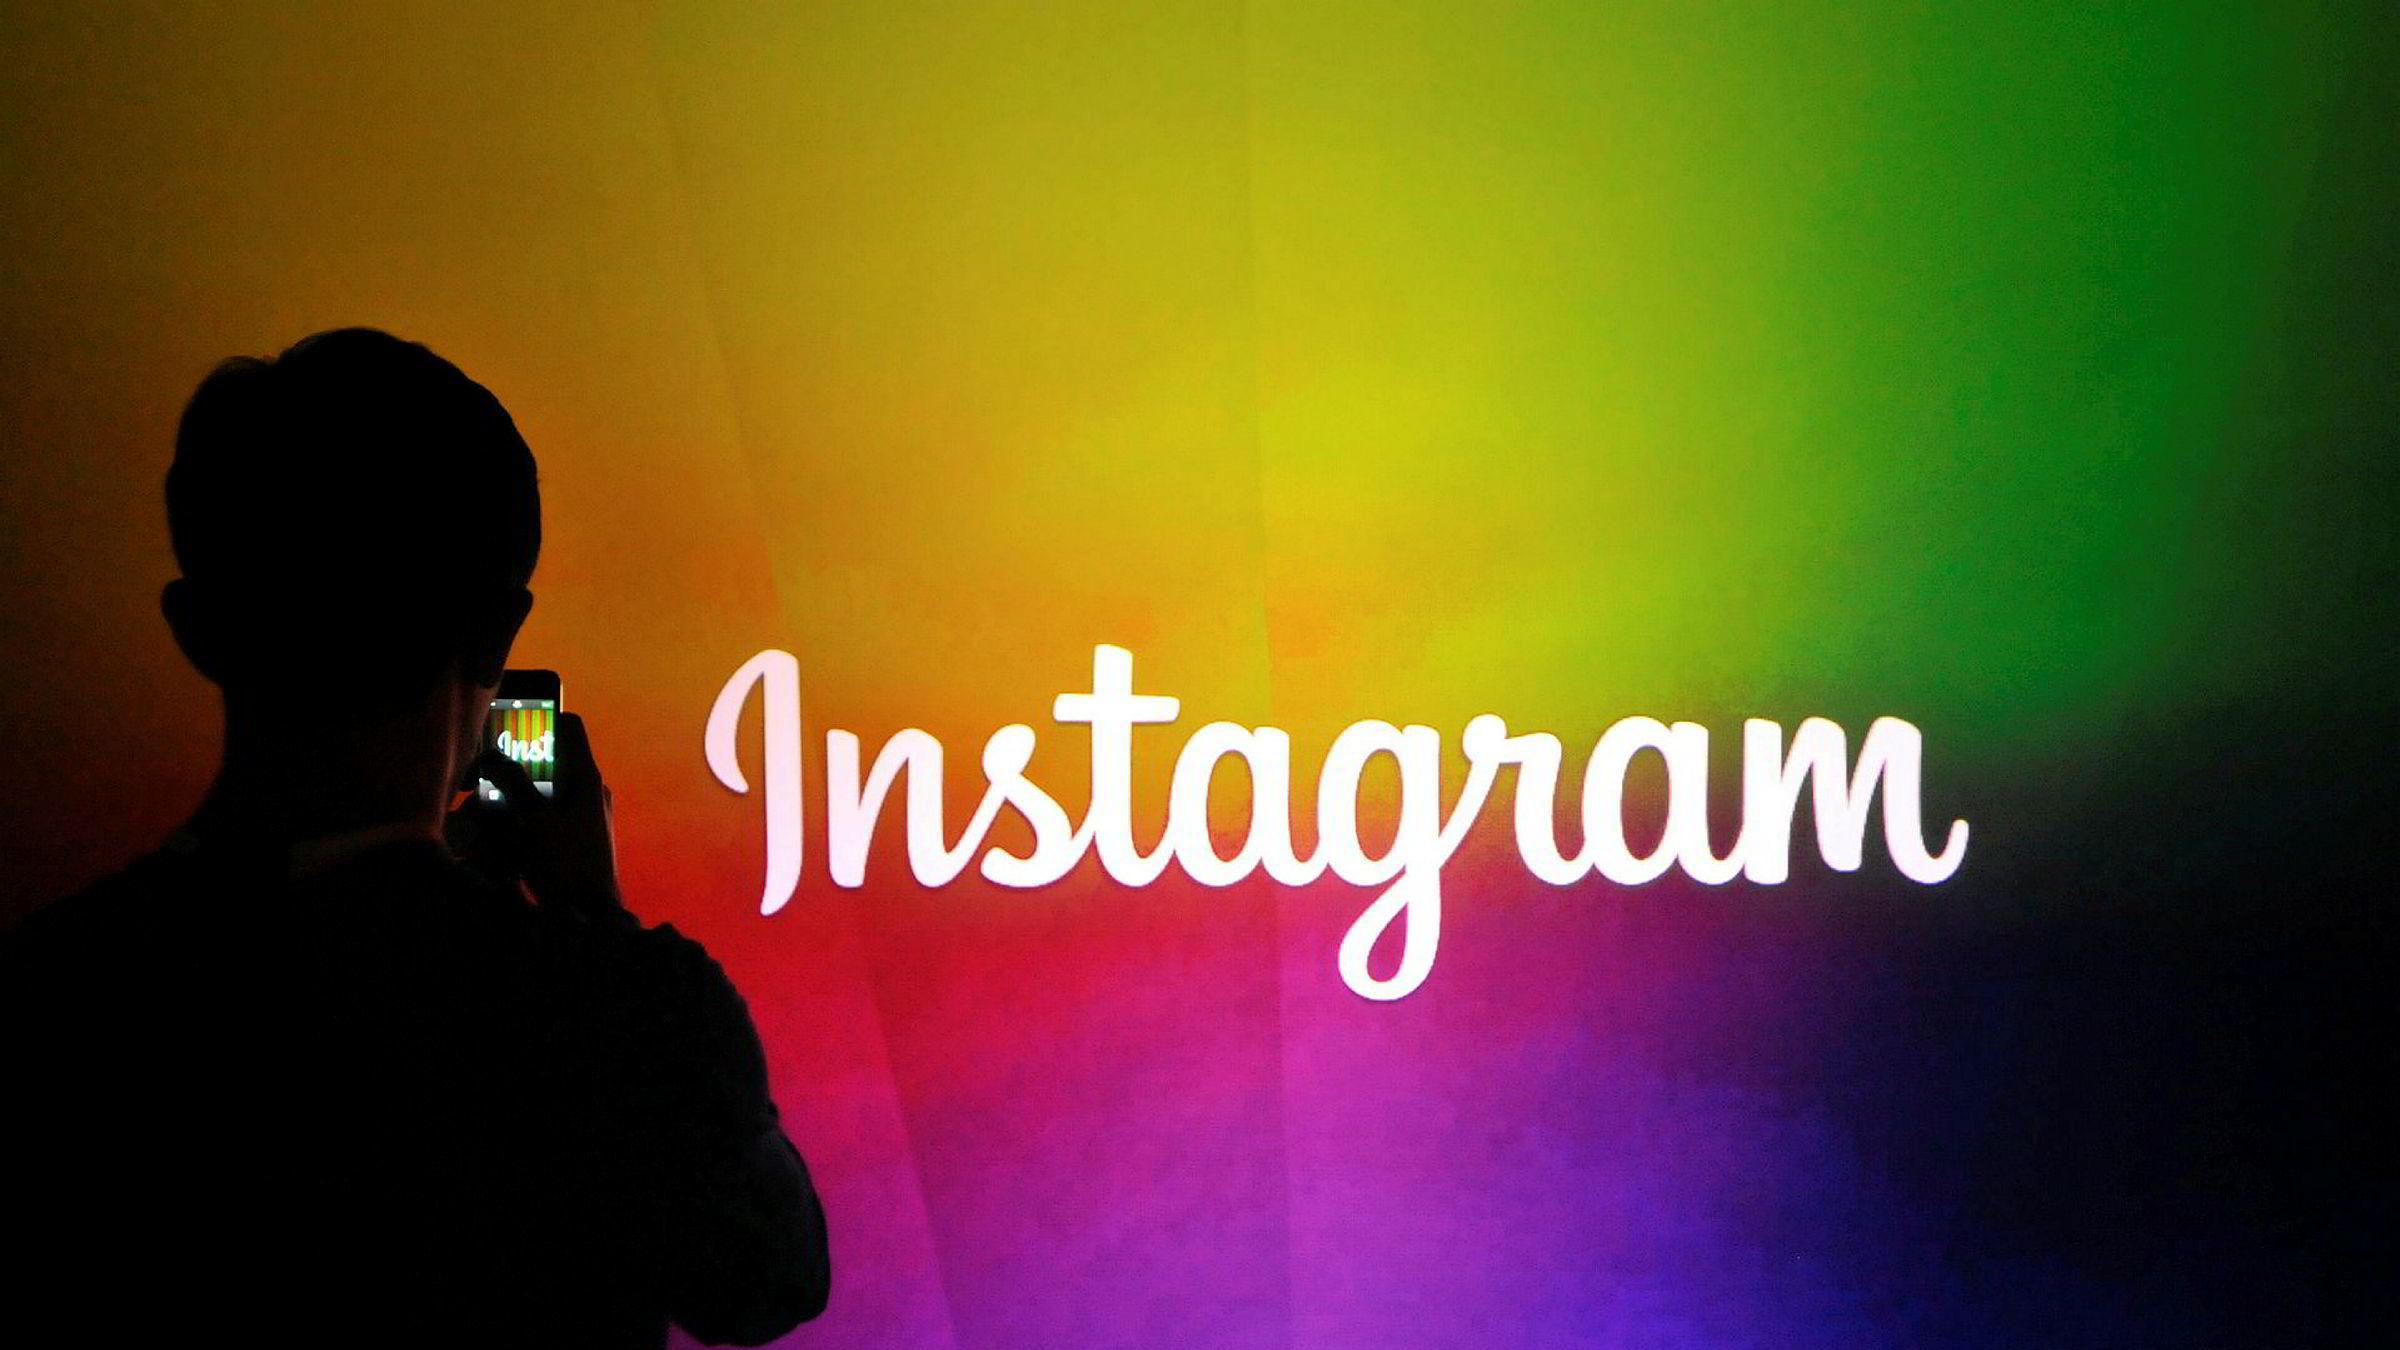 Instagram tar opp kampen mot falsk informasjon og feil i bilder globalt.